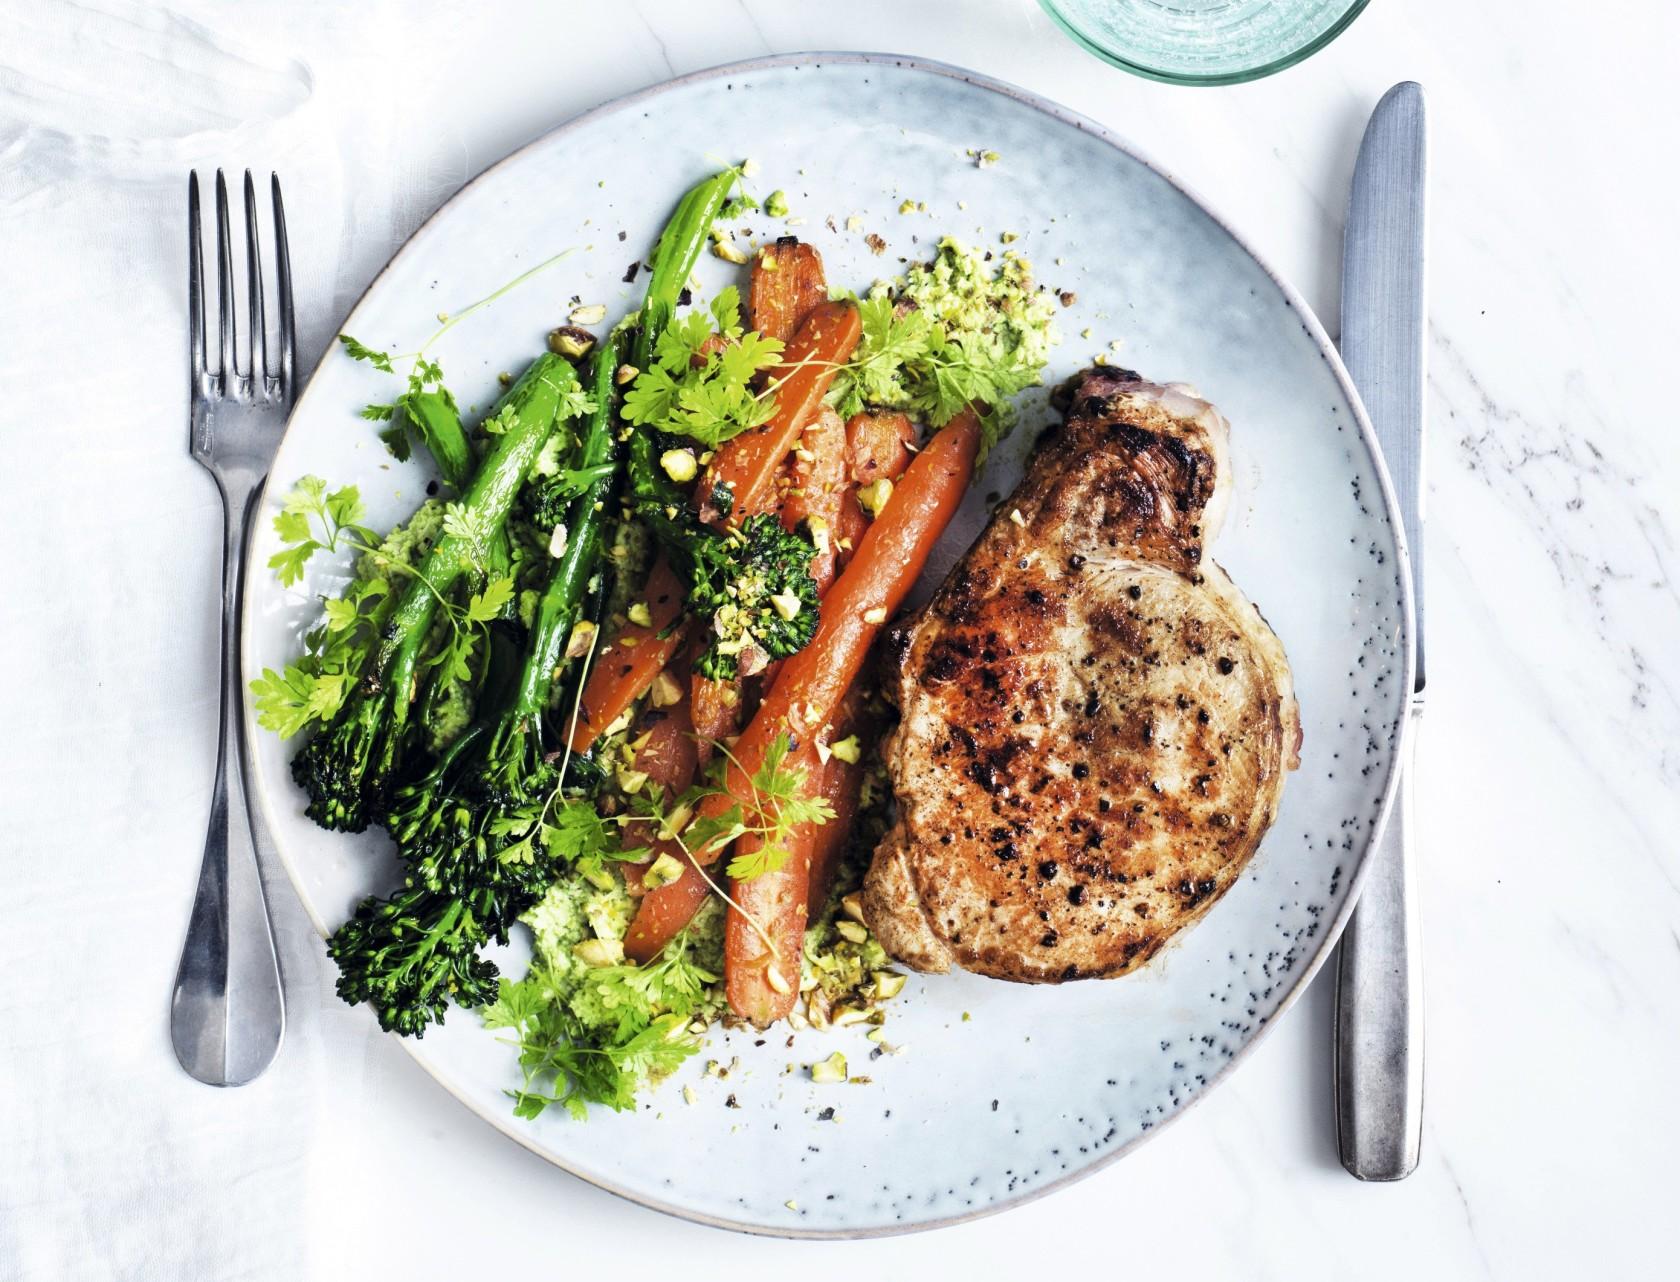 Svinekoteletter med sprødstegte grøntsager